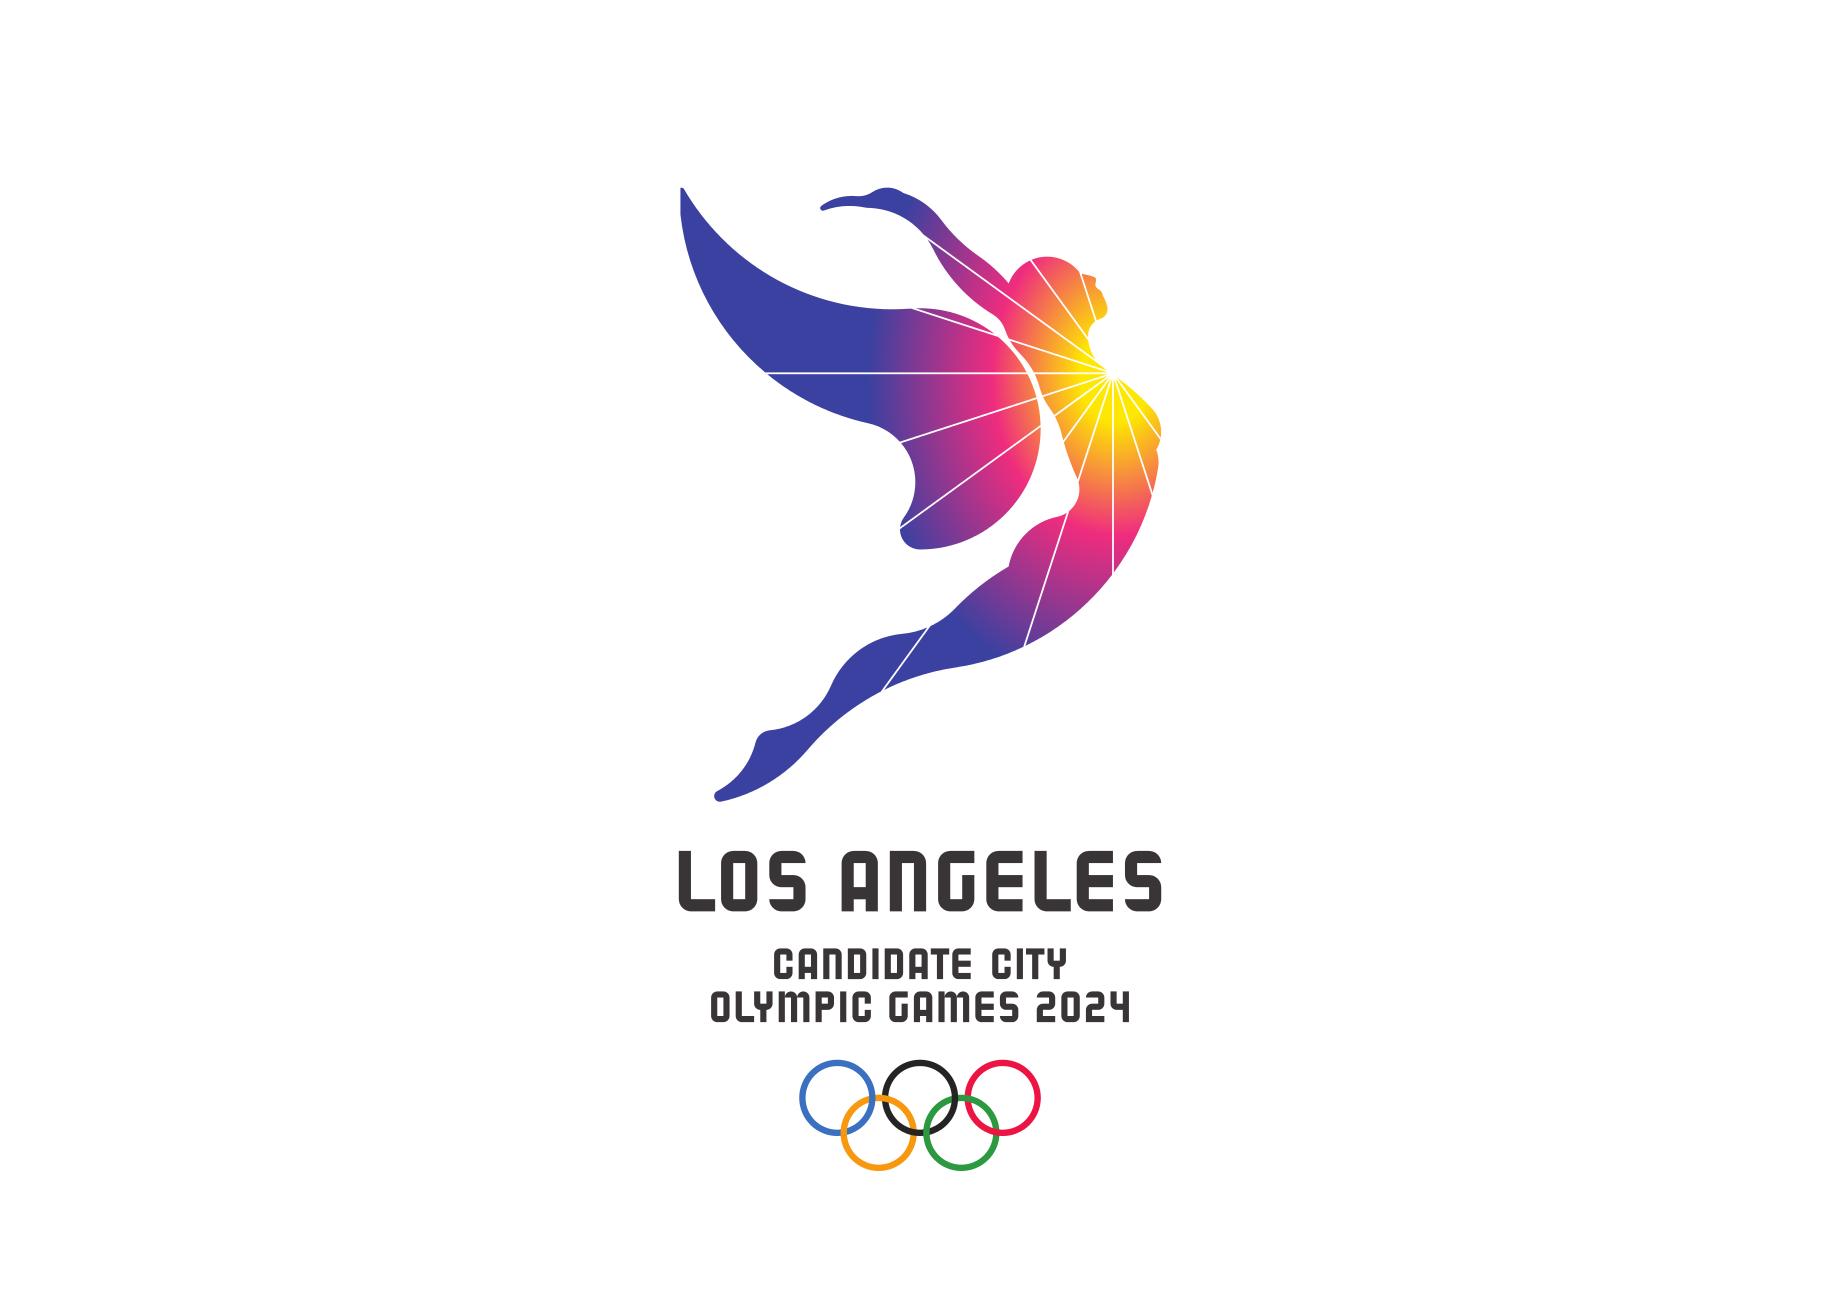 LA_2024_Olympic_Bid_Logo_s.png